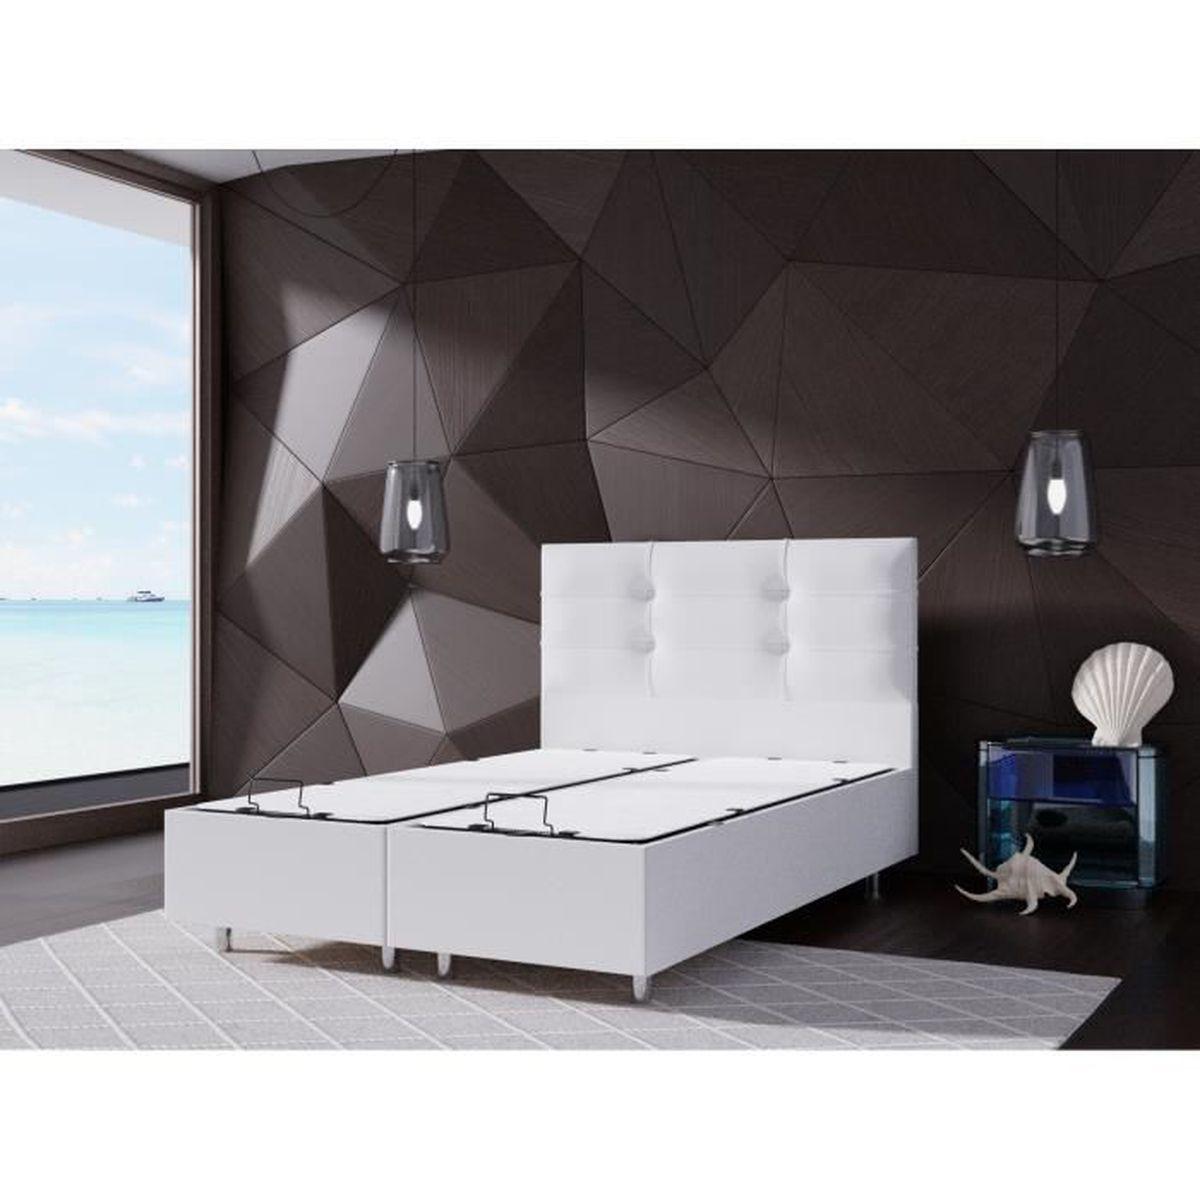 lit coffre 140x190 + tete de lit blanc - achat / vente structure de